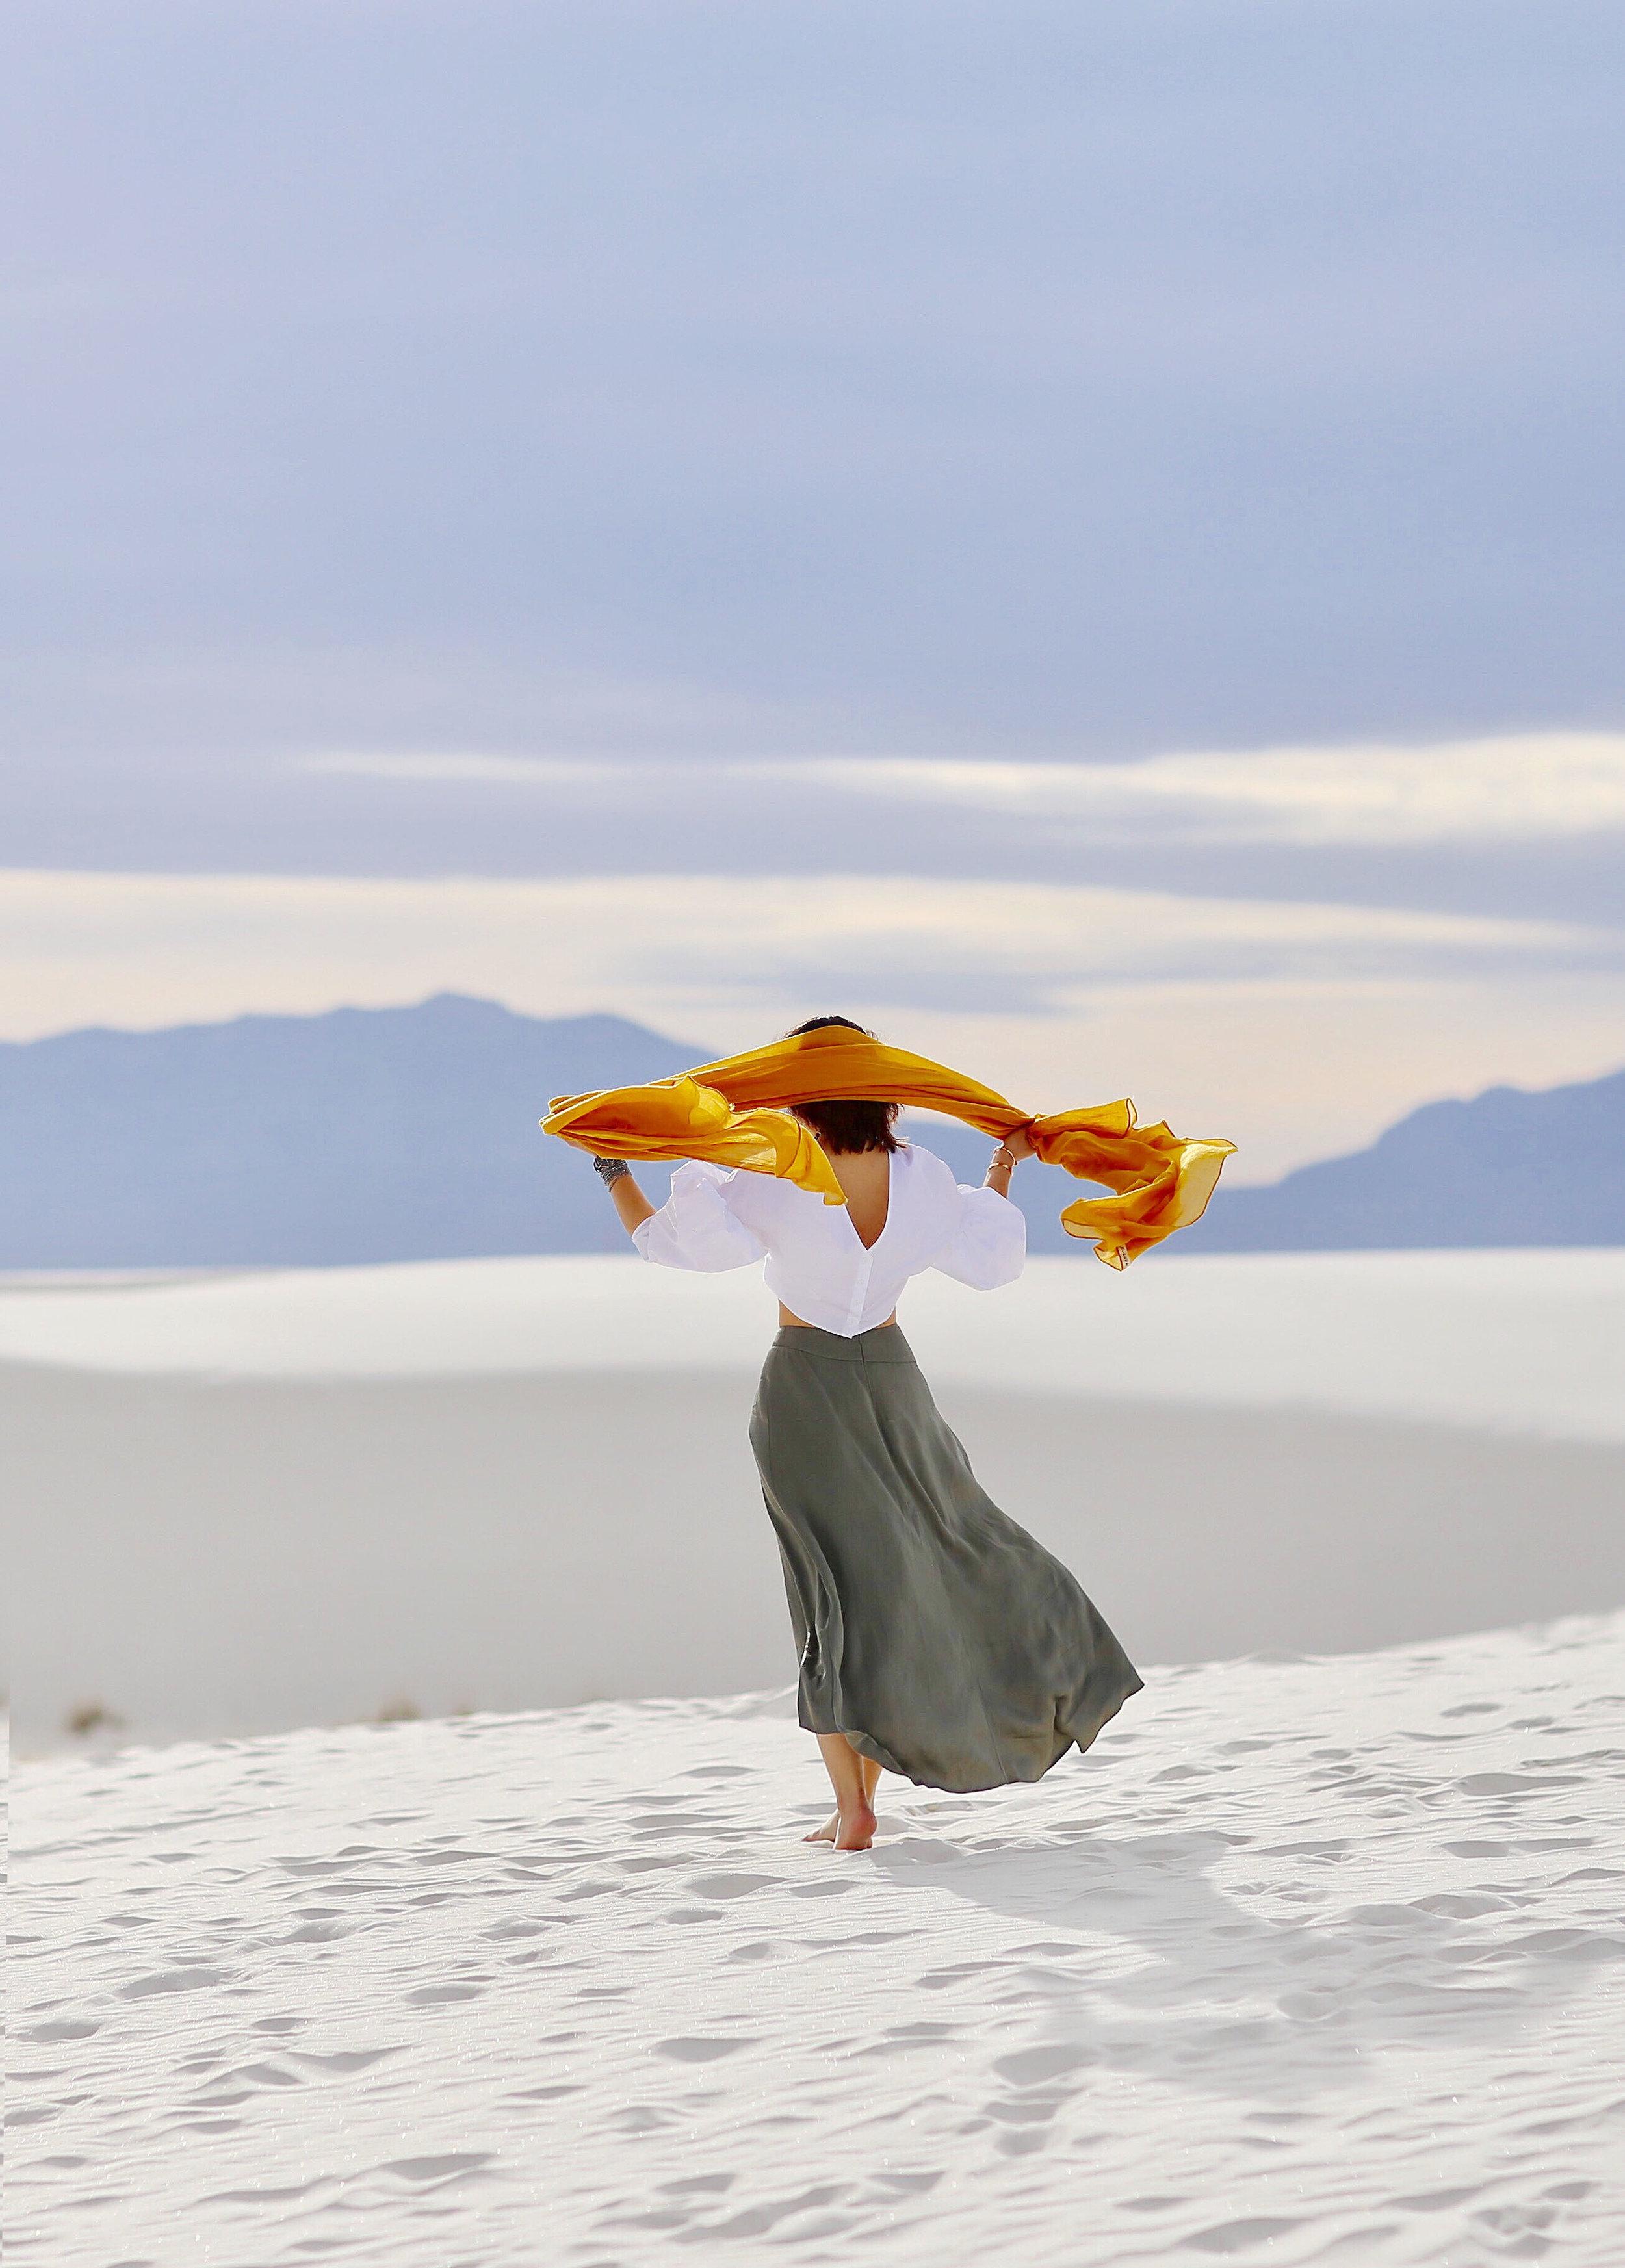 White Sands National Monument fashon blogger travelgram.jpg